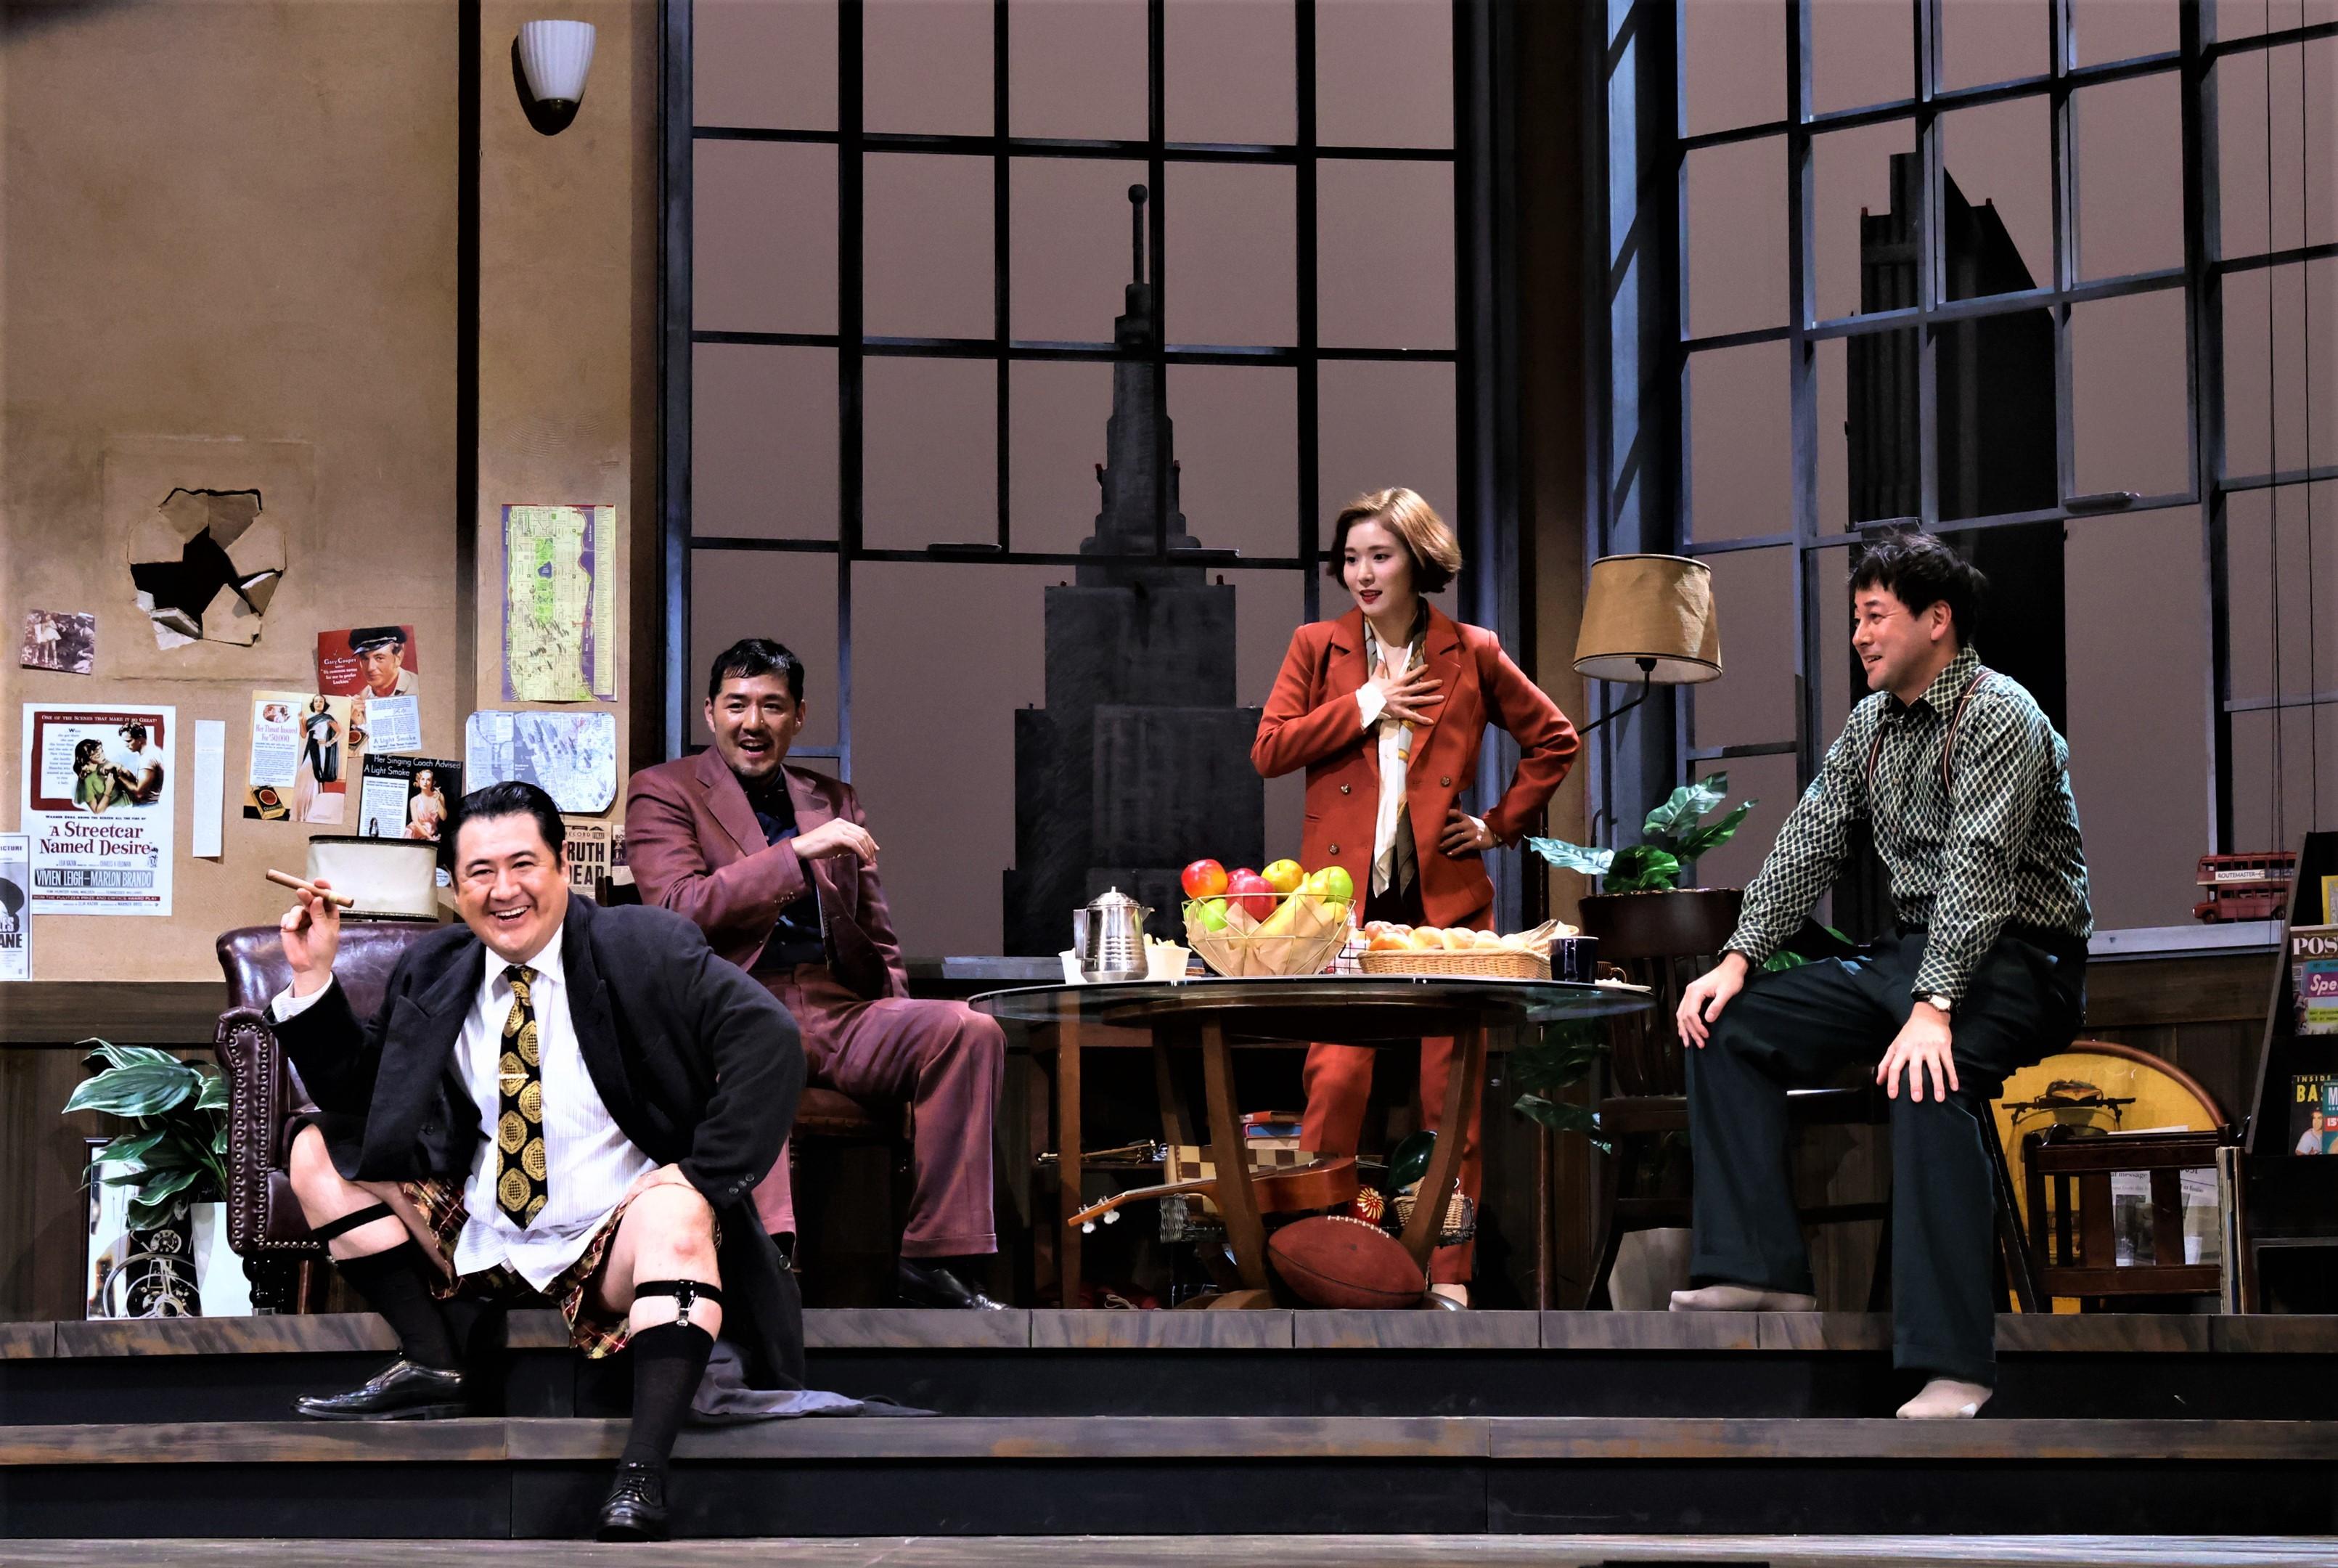 12月5日に初日を迎えた、シス・カンパニー『23階の笑い』の一場面。左から小手伸也、吉原光夫、松岡茉優、鈴木浩介 (撮影:宮川舞子 写真提供:シス・カンパニー)